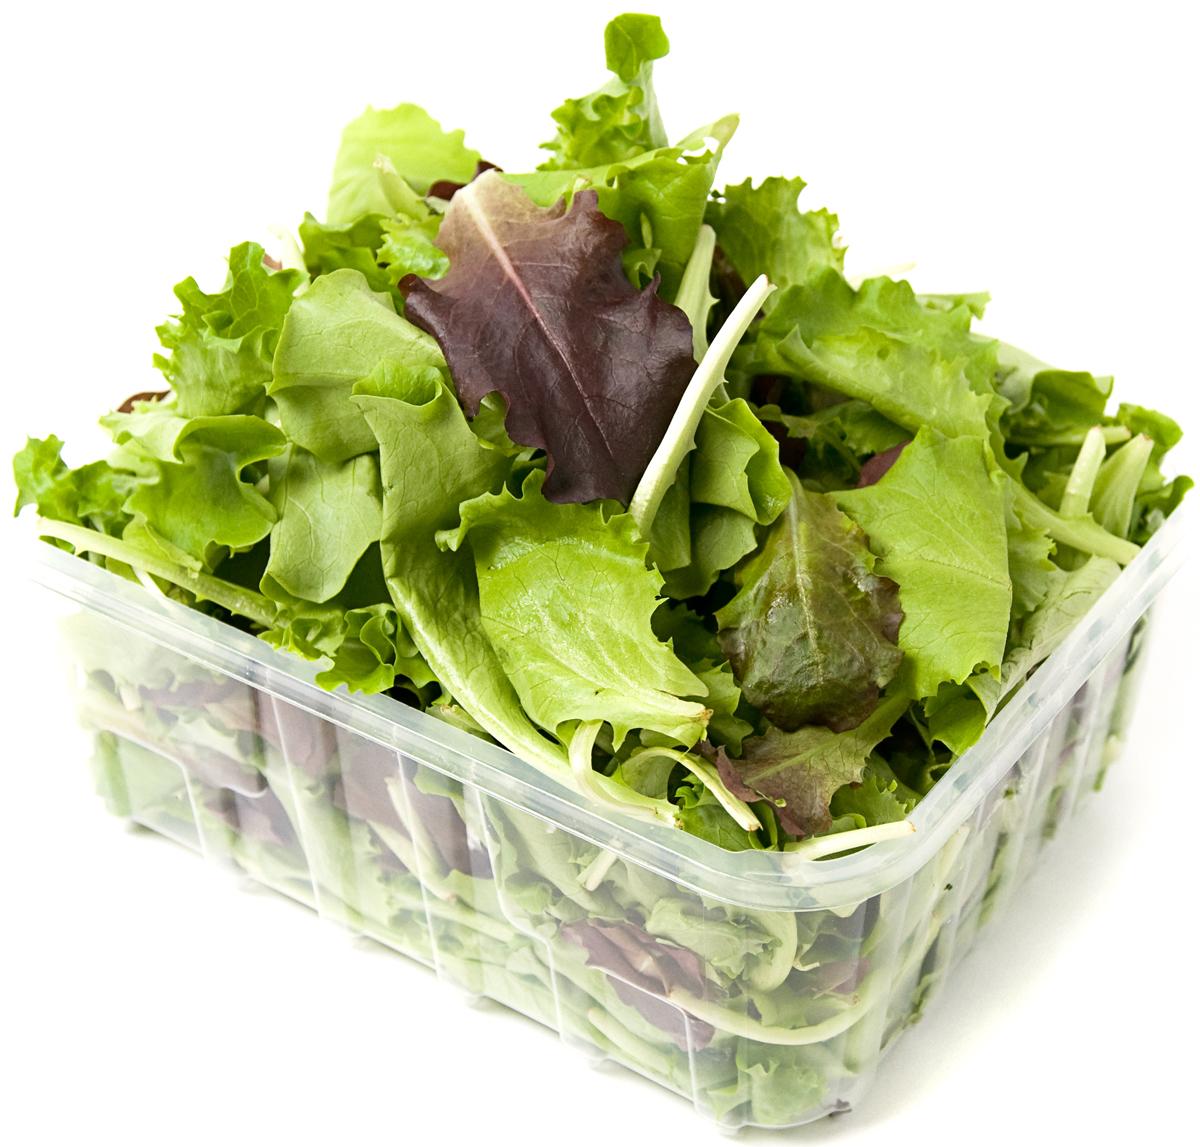 Смесь салатов, 125 г2037Чем особенно хороши готовые салатные смеси, так это своей чистотой. Листья, заранее подготовленные и упакованные в дышащий пластик, ненужно мыть – это уже сделали за вас! А значит, в салате они будут нежными или хрустящими, как и положено, а не вялыми или плохопросушенными. Если вы открыли упаковку, но не использовали всю сразу, пересыпьте листья в миску, застеленную бумажным полотенцем, исверху накройте несколькими такими же полотенцами. Храните в холодильнике не дольше двух дней. свежая зелень